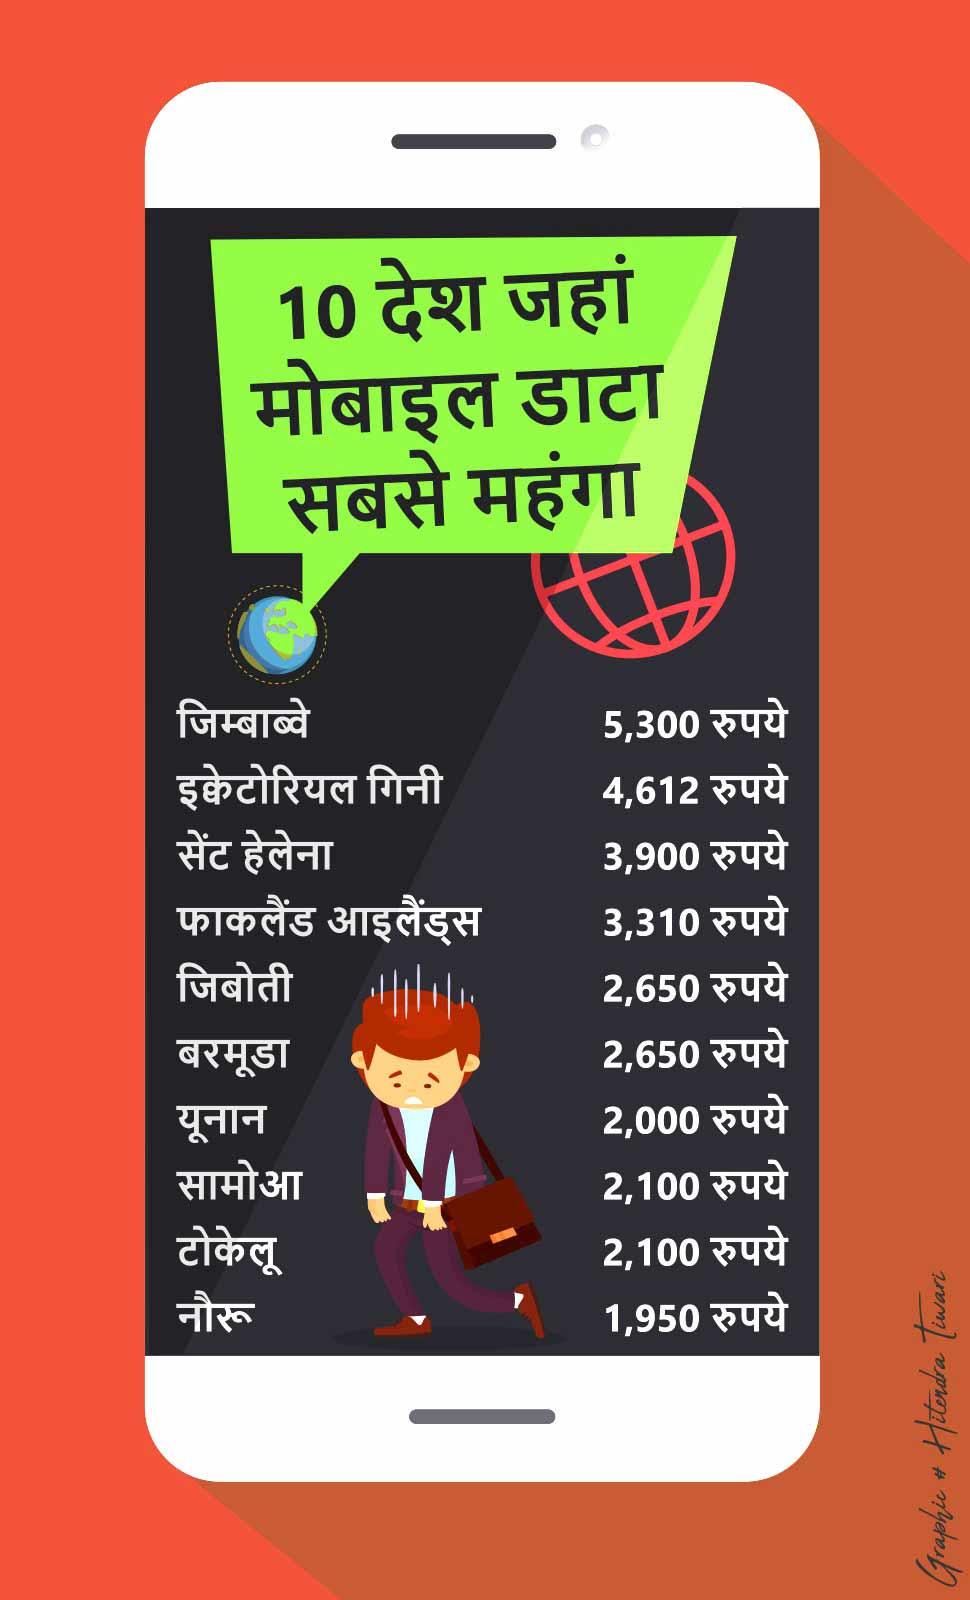 सबसे सस्ता इंटरनेट, cheapest data rate, data rate in india, internet rate in america, internet rate in china